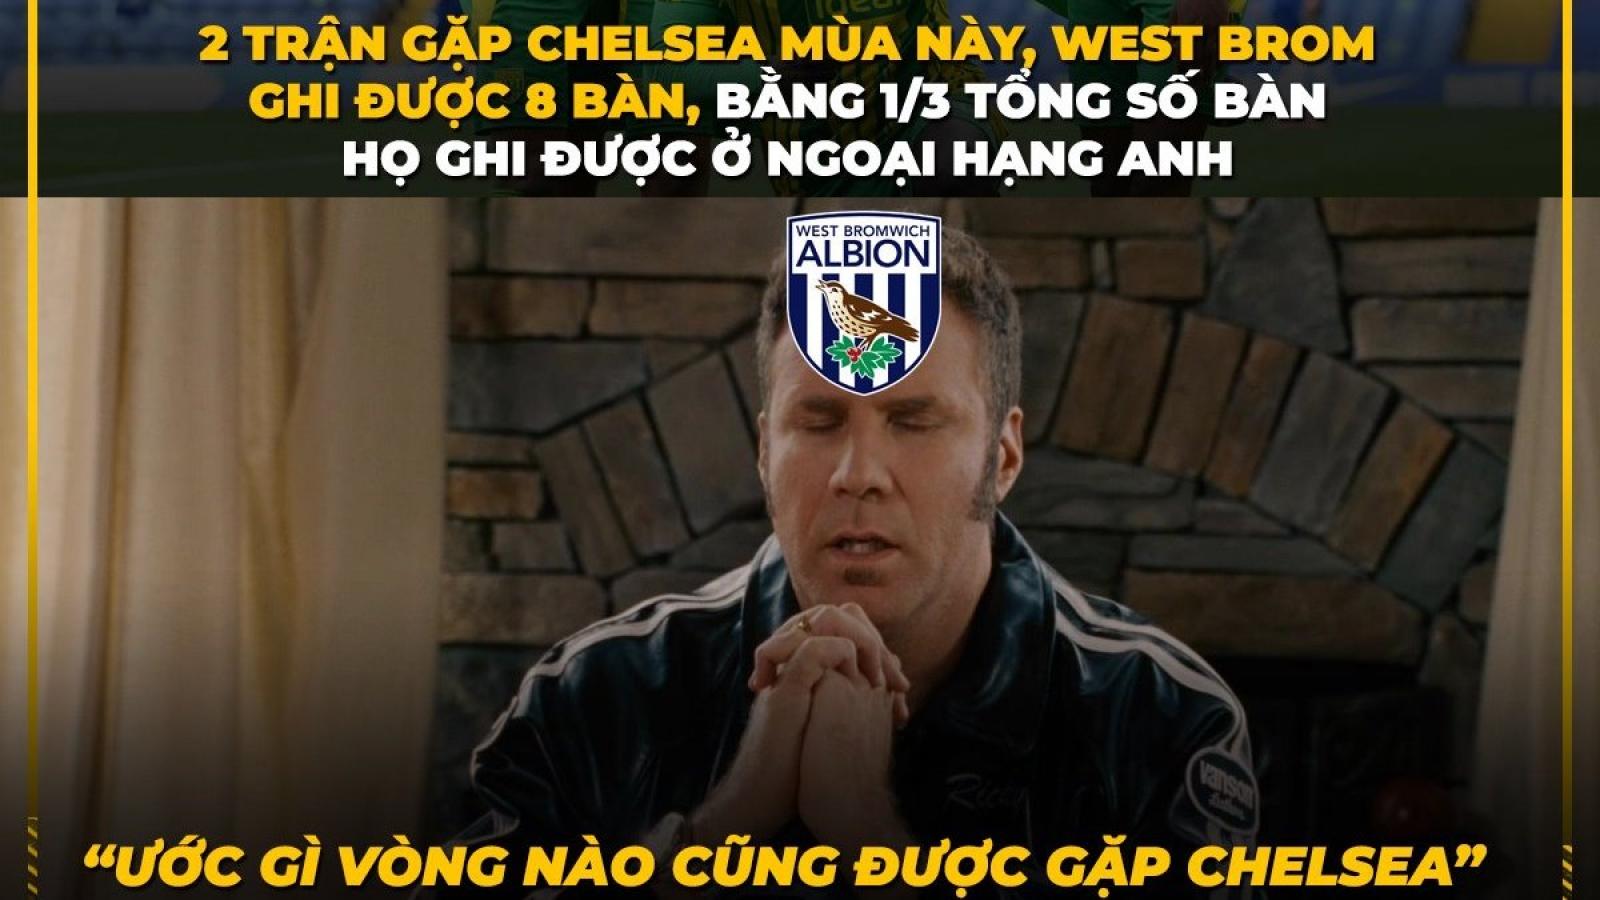 Biếm họa 24h: West Brom mong vòng nào cũng được gặp Chelsea